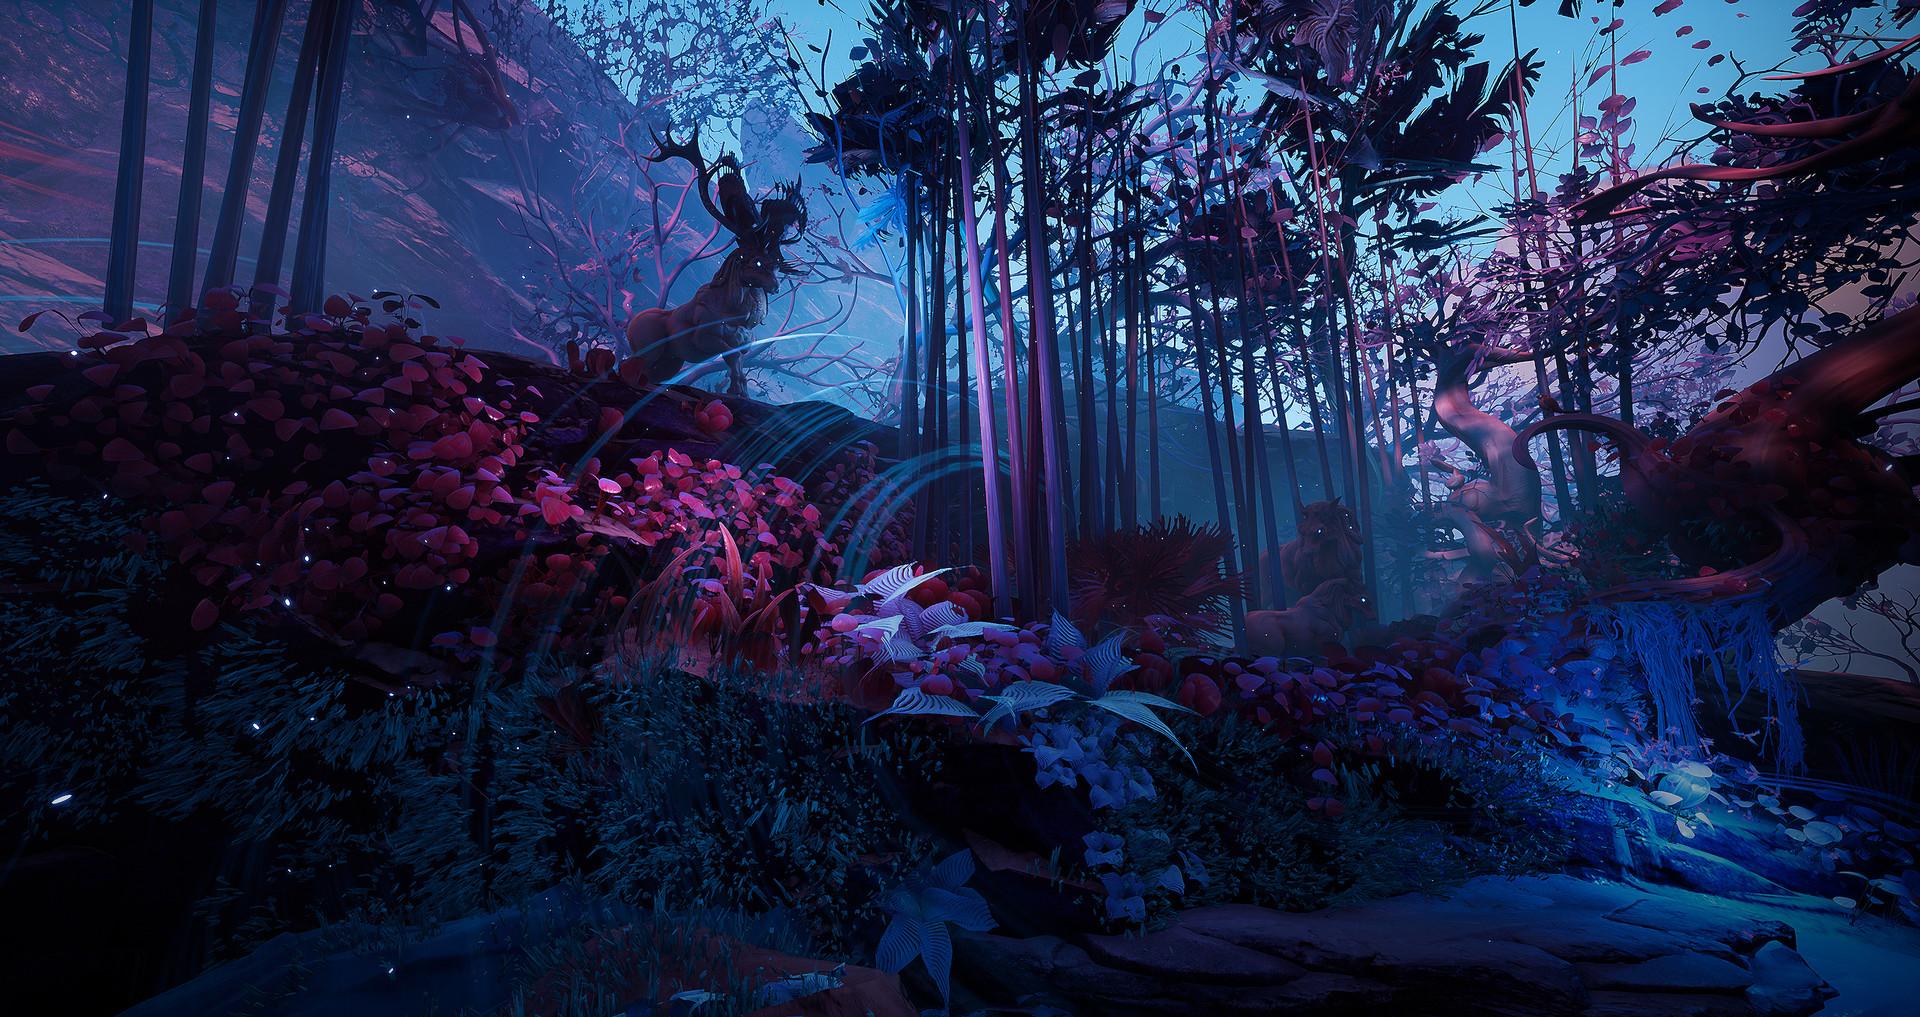 ArtStation - Mystic Forest Study UE4, Tyler Smith